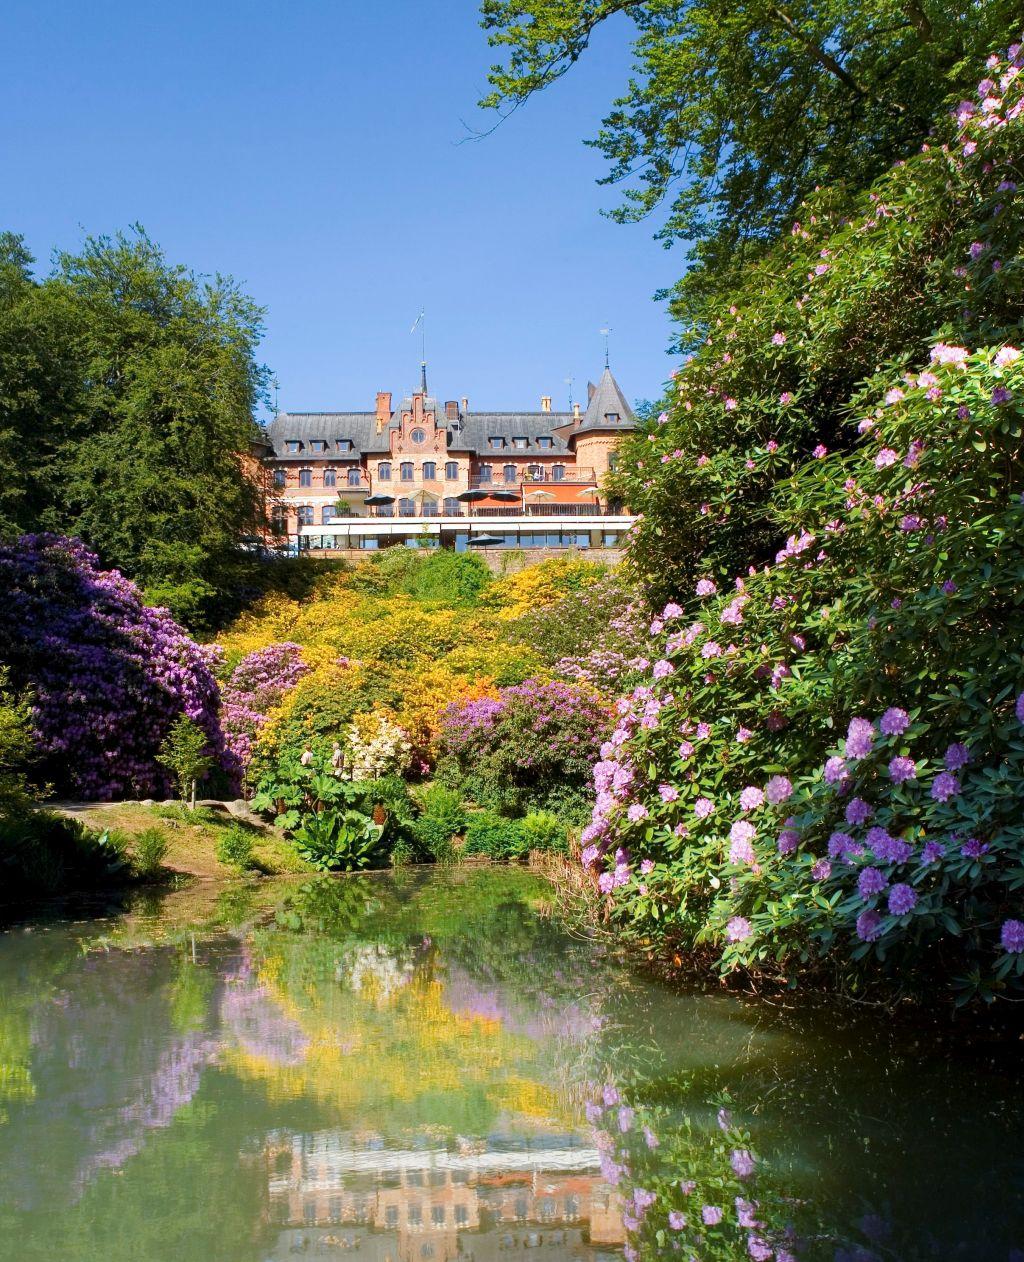 Schloss Sofiero, nördlich von Helsingborg in der Provinz Skåne gelegen, ist eines der schönsten Schlösser Schwedens. Es ist von samtweichen Rasenflächen, üppigen grünen Bäumen und verschiedenen Themengärten und wunderschönen Blumenbeeten umgeben.